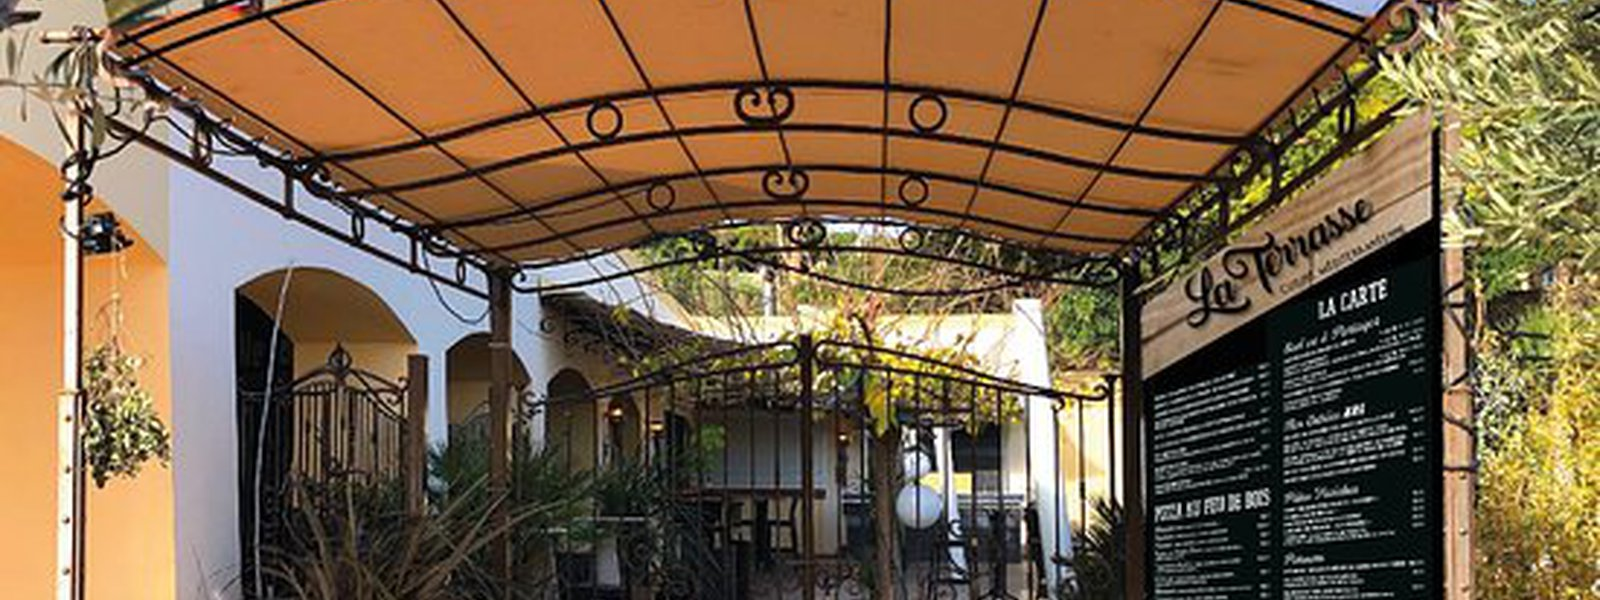 La Terrasse du Port image header